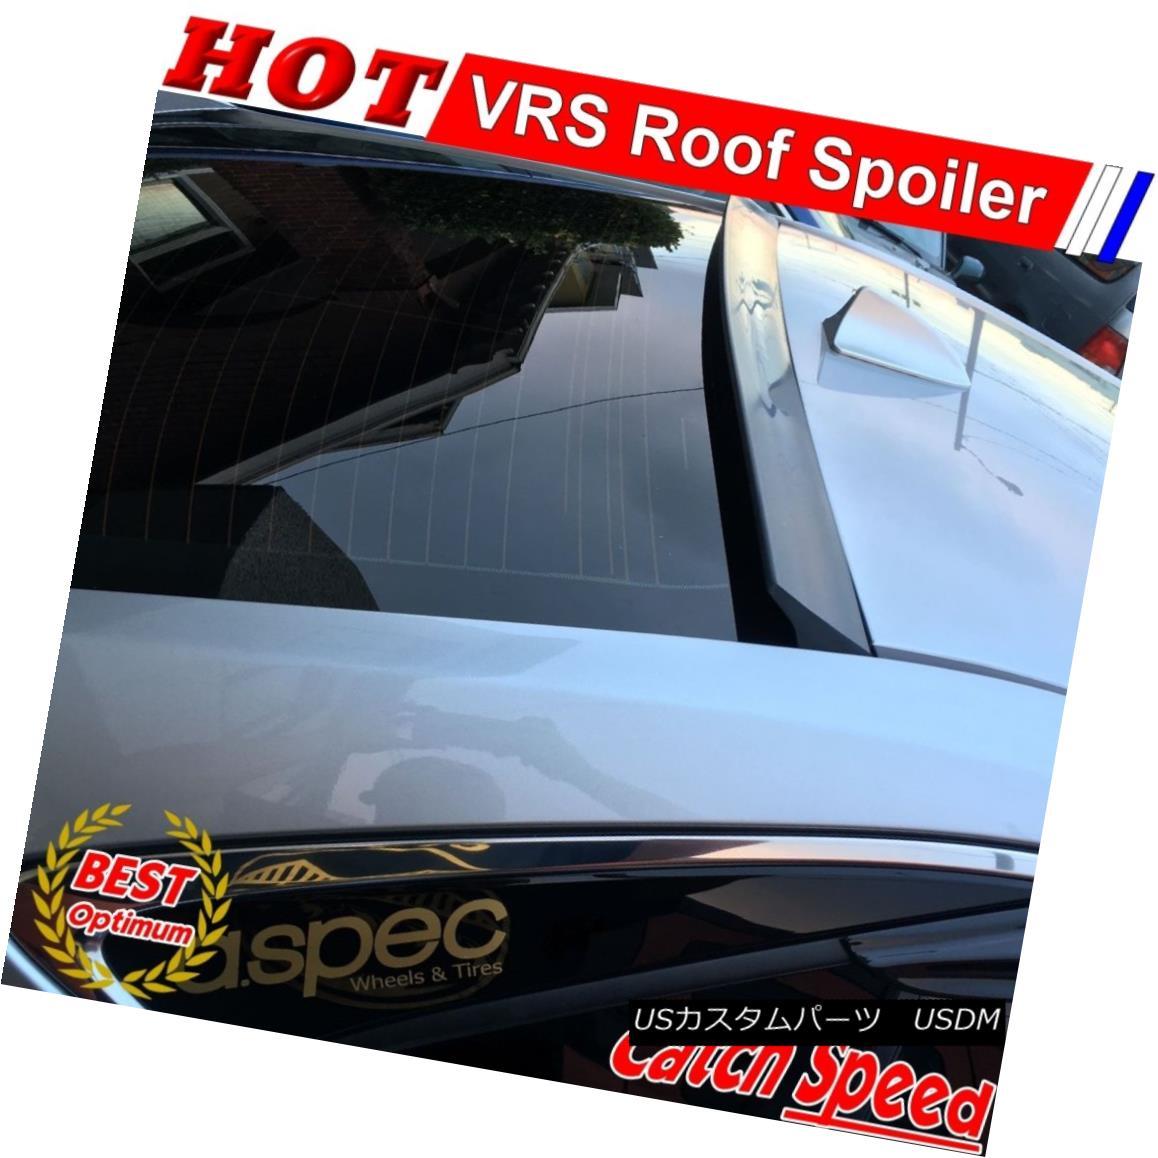 エアロパーツ Flat Black VRS Rear Roof Spoiler Wing For Hyundai Tiburon/Tuscani 2003-08 Coupe 現代ティブロン/トスカーナのフラットブラックVRSリアルーフスポイラーウイング i 2003-08クーペ